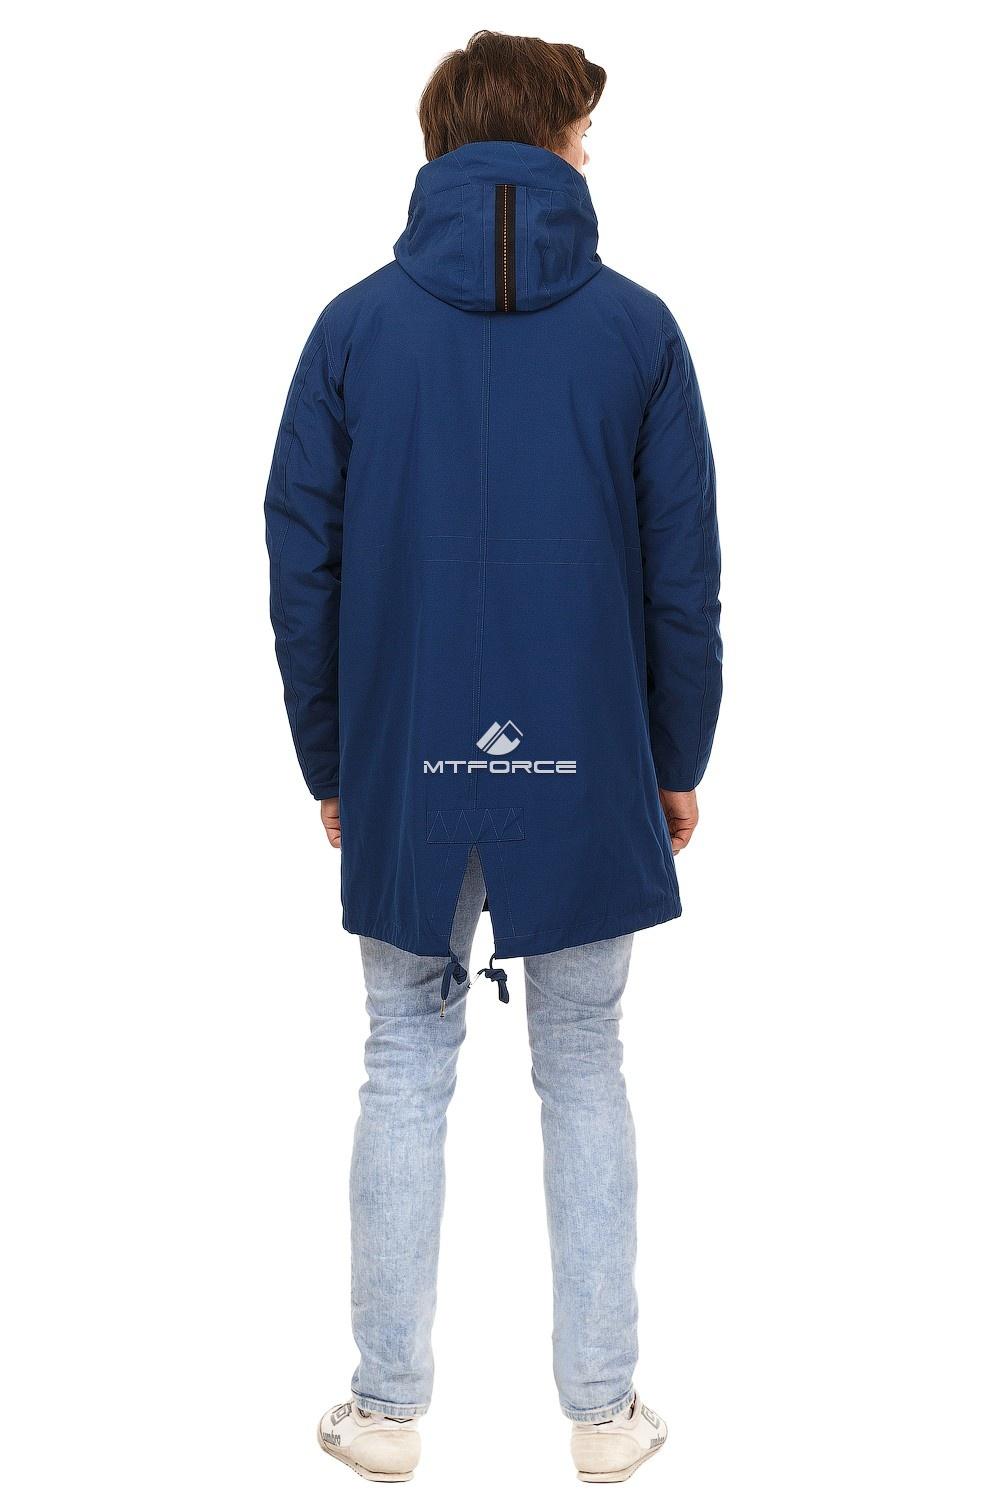 Купить оптом Куртка парка мужская осень весна темно-синего цвета 1720TS в Екатеринбурге